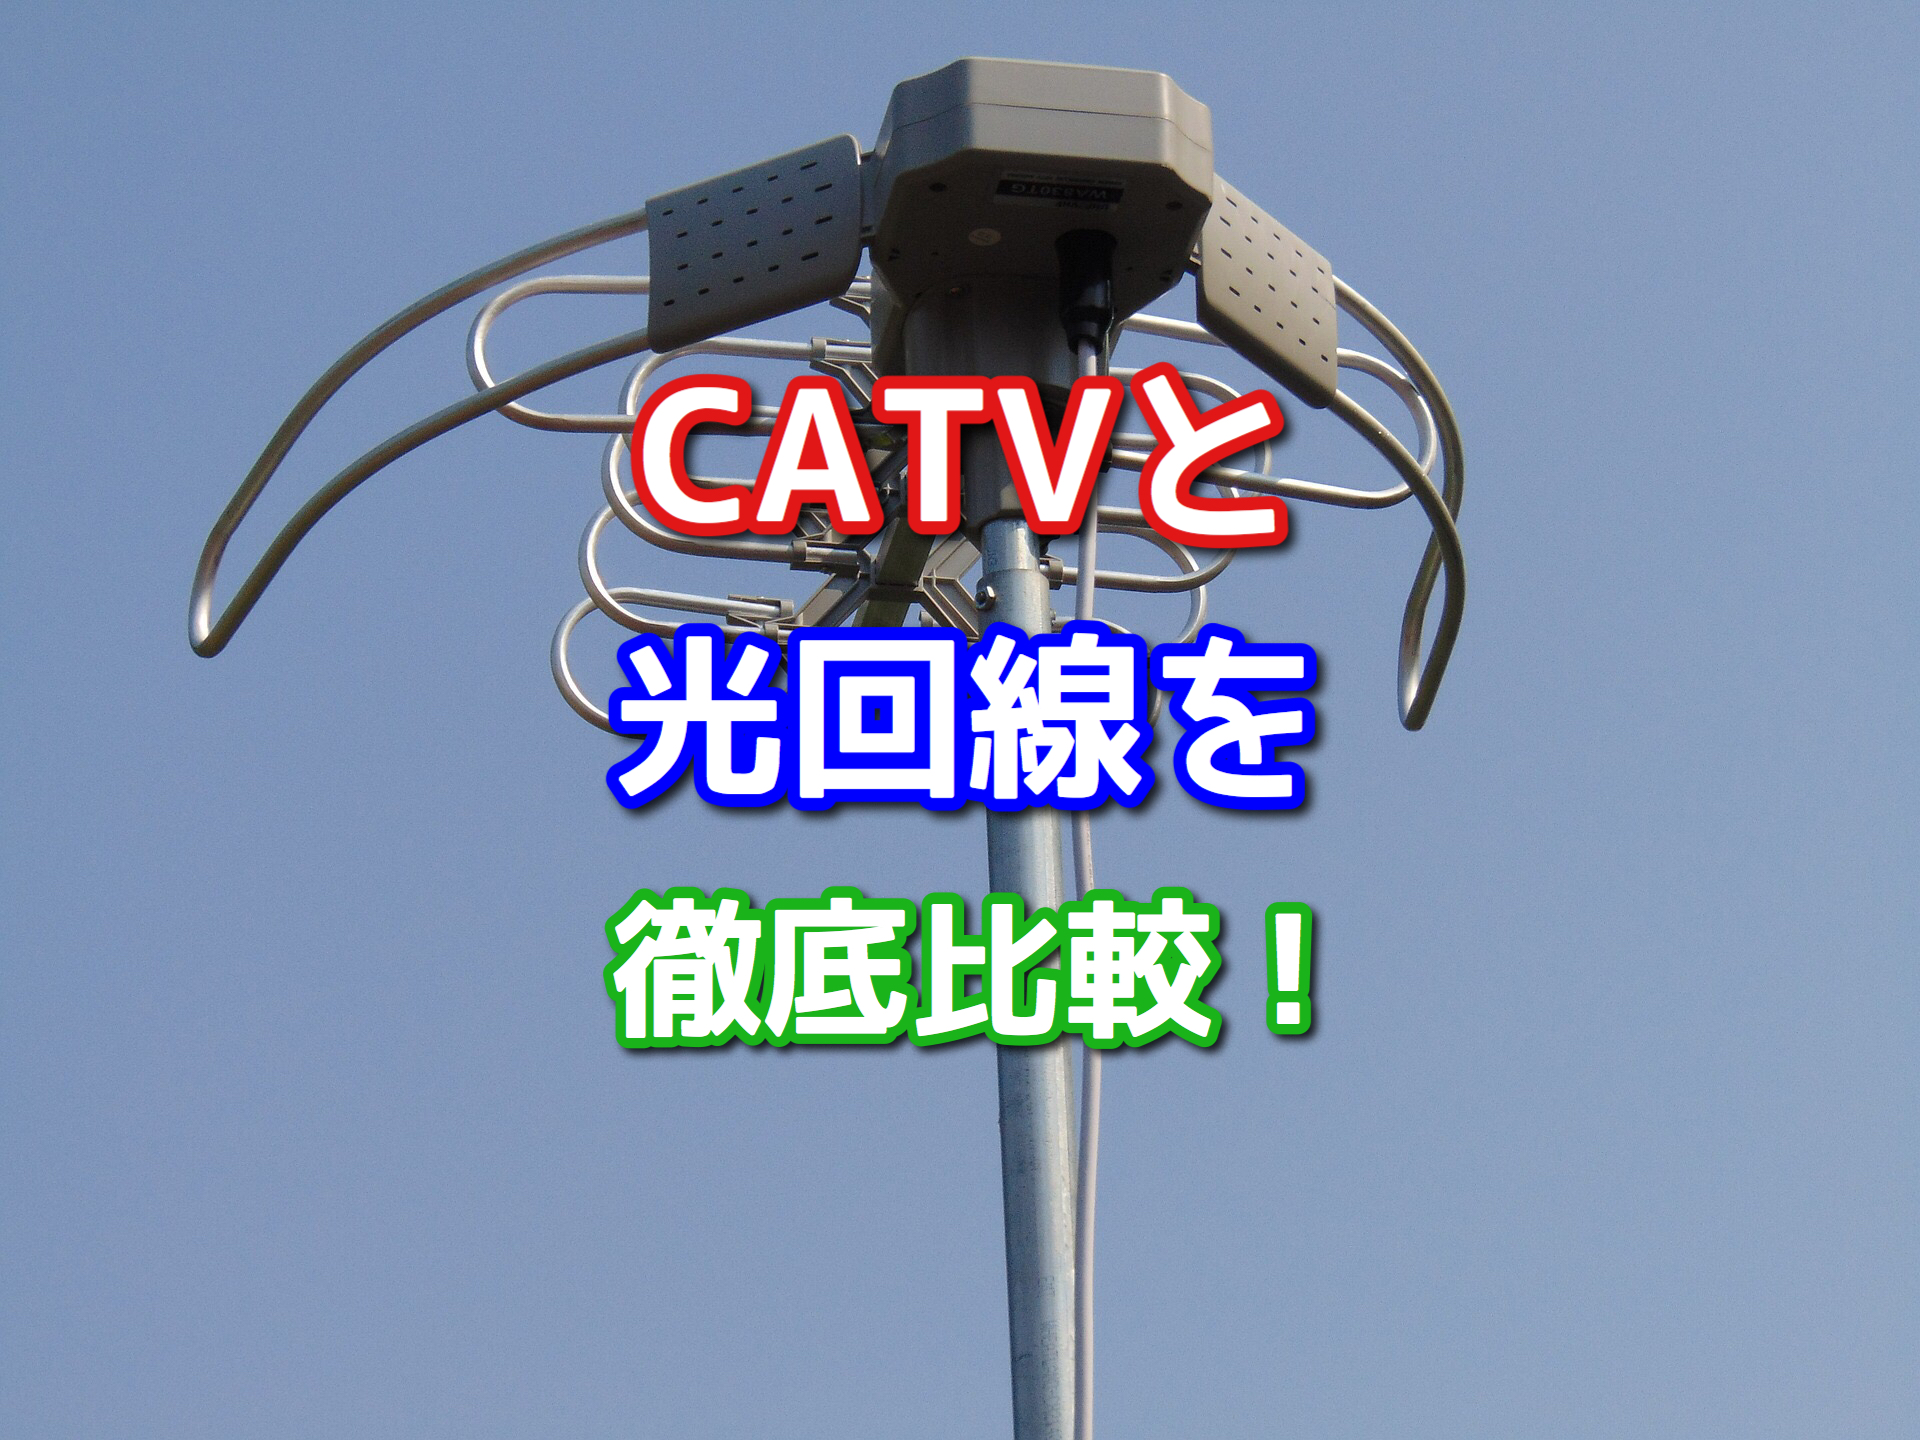 CATV(ケーブルテレビ)と光回線どっちが良い?インターネット回線を徹底 ...